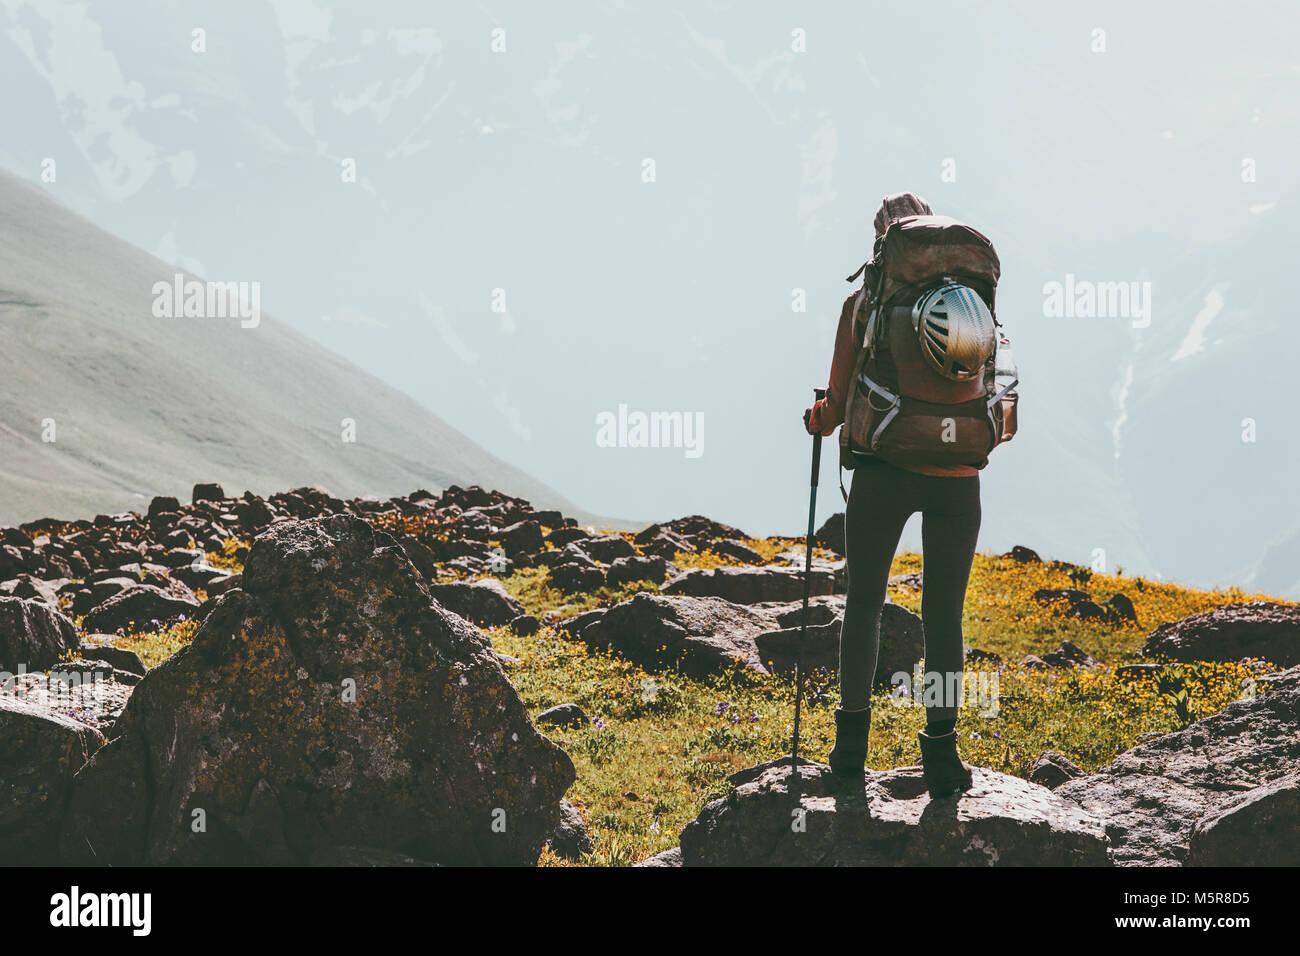 Vacaciones de aventura en las montañas mujer con mochila de senderismo concepto de estilo de vida saludable Imagen De Stock